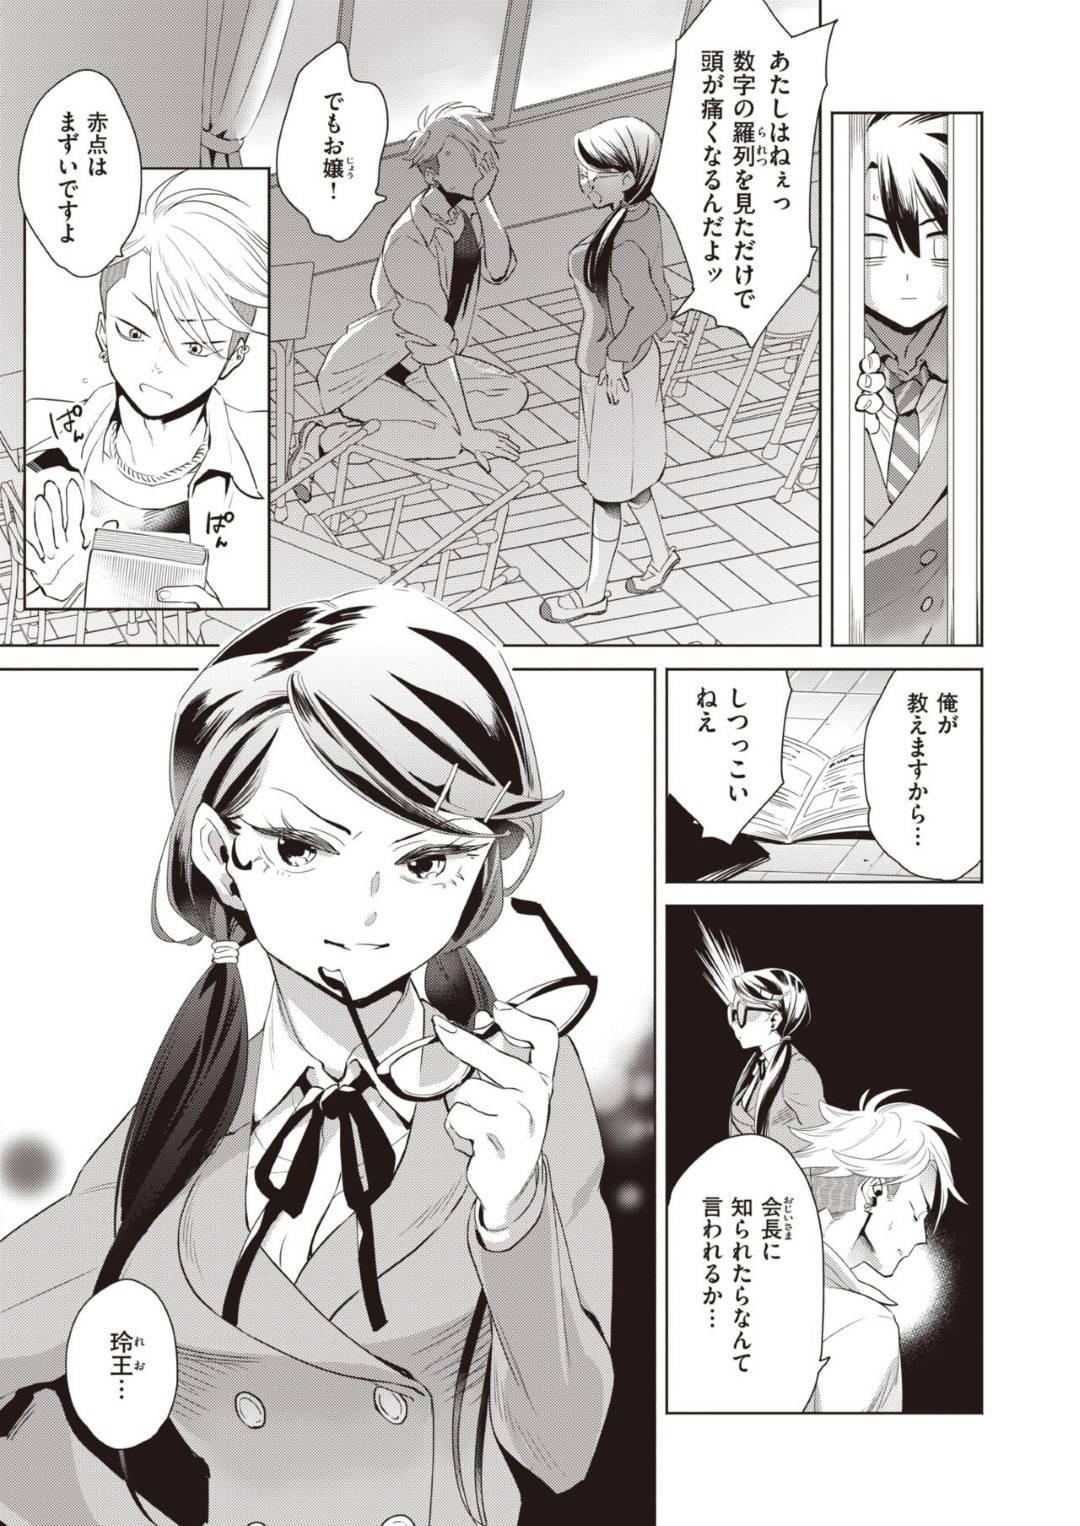 【エロ漫画】クラスで名前以外は地味で小柄なJK…ヤンキー男子に絡まれているところを多々目撃されている彼女の正体は刺青入りのお嬢と呼ばれる人だった!【樹八ウロ】